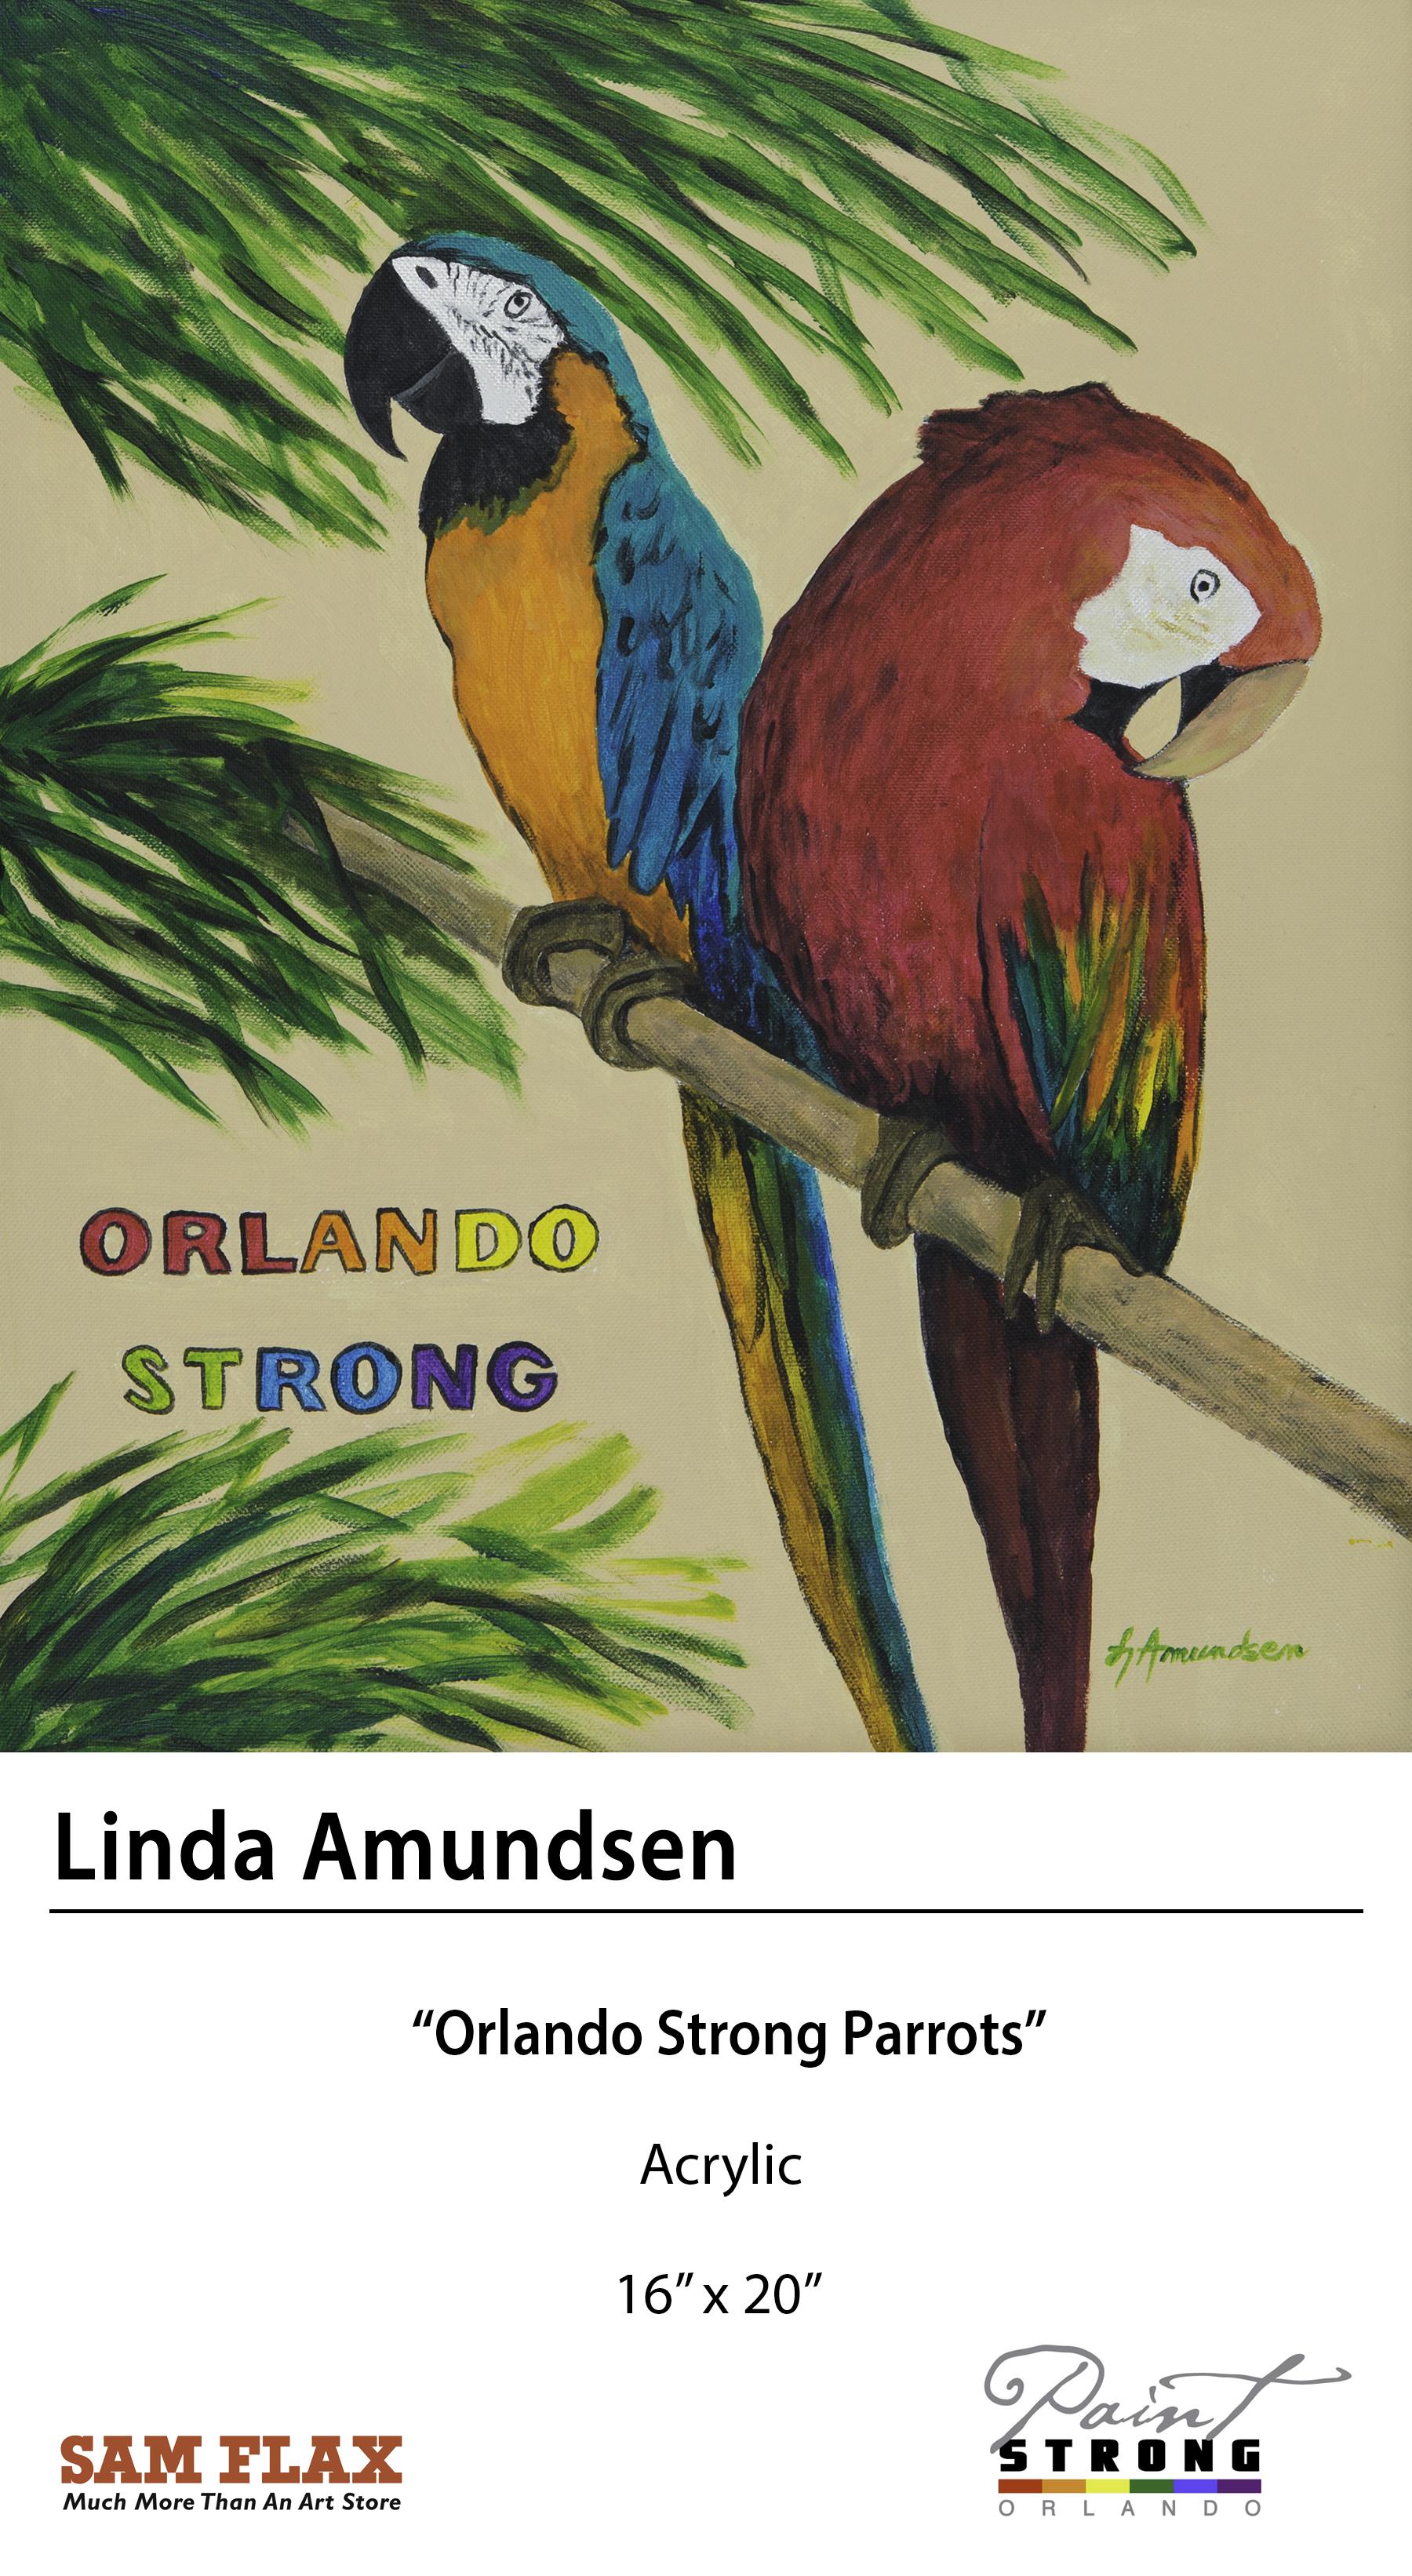 Linda Amundsen